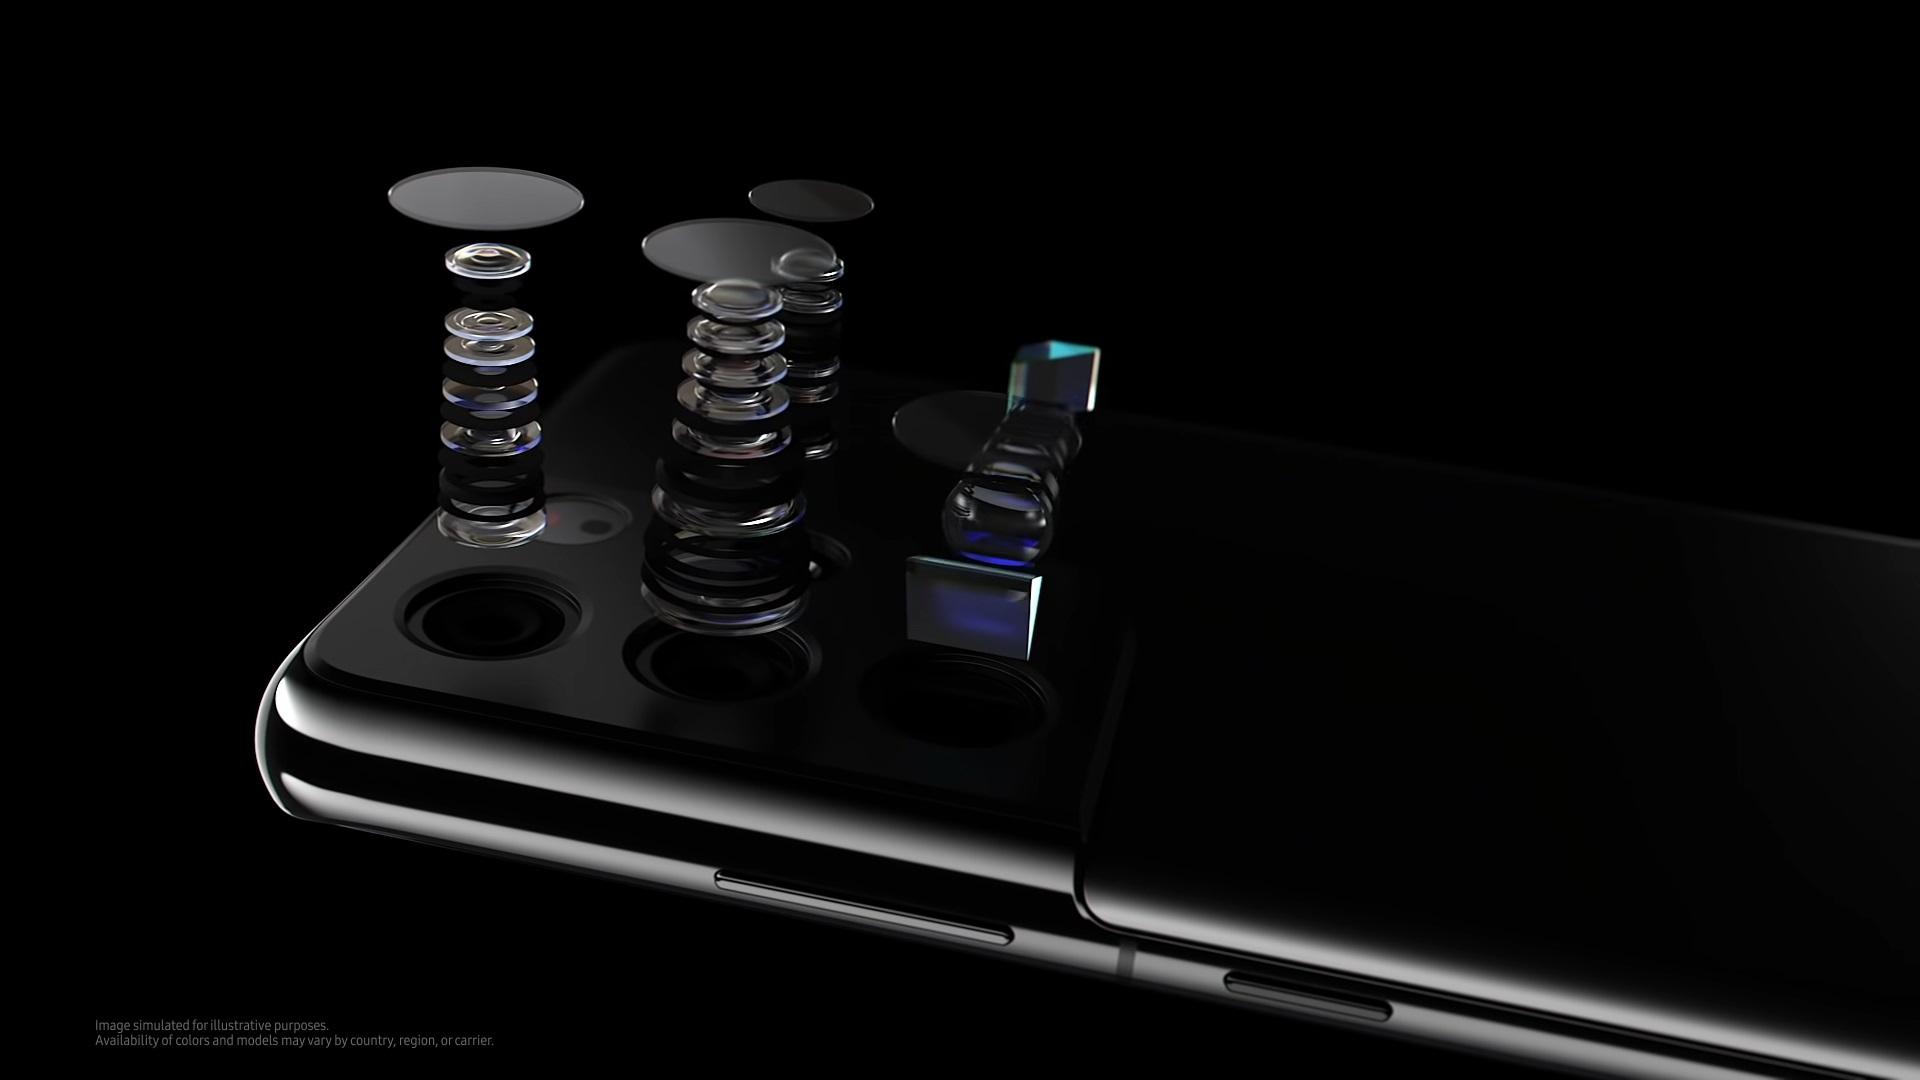 أي الكاميرات أفضل Samsung Galaxy S21 Ultra أم Xiaomi Mi 11 Ultra